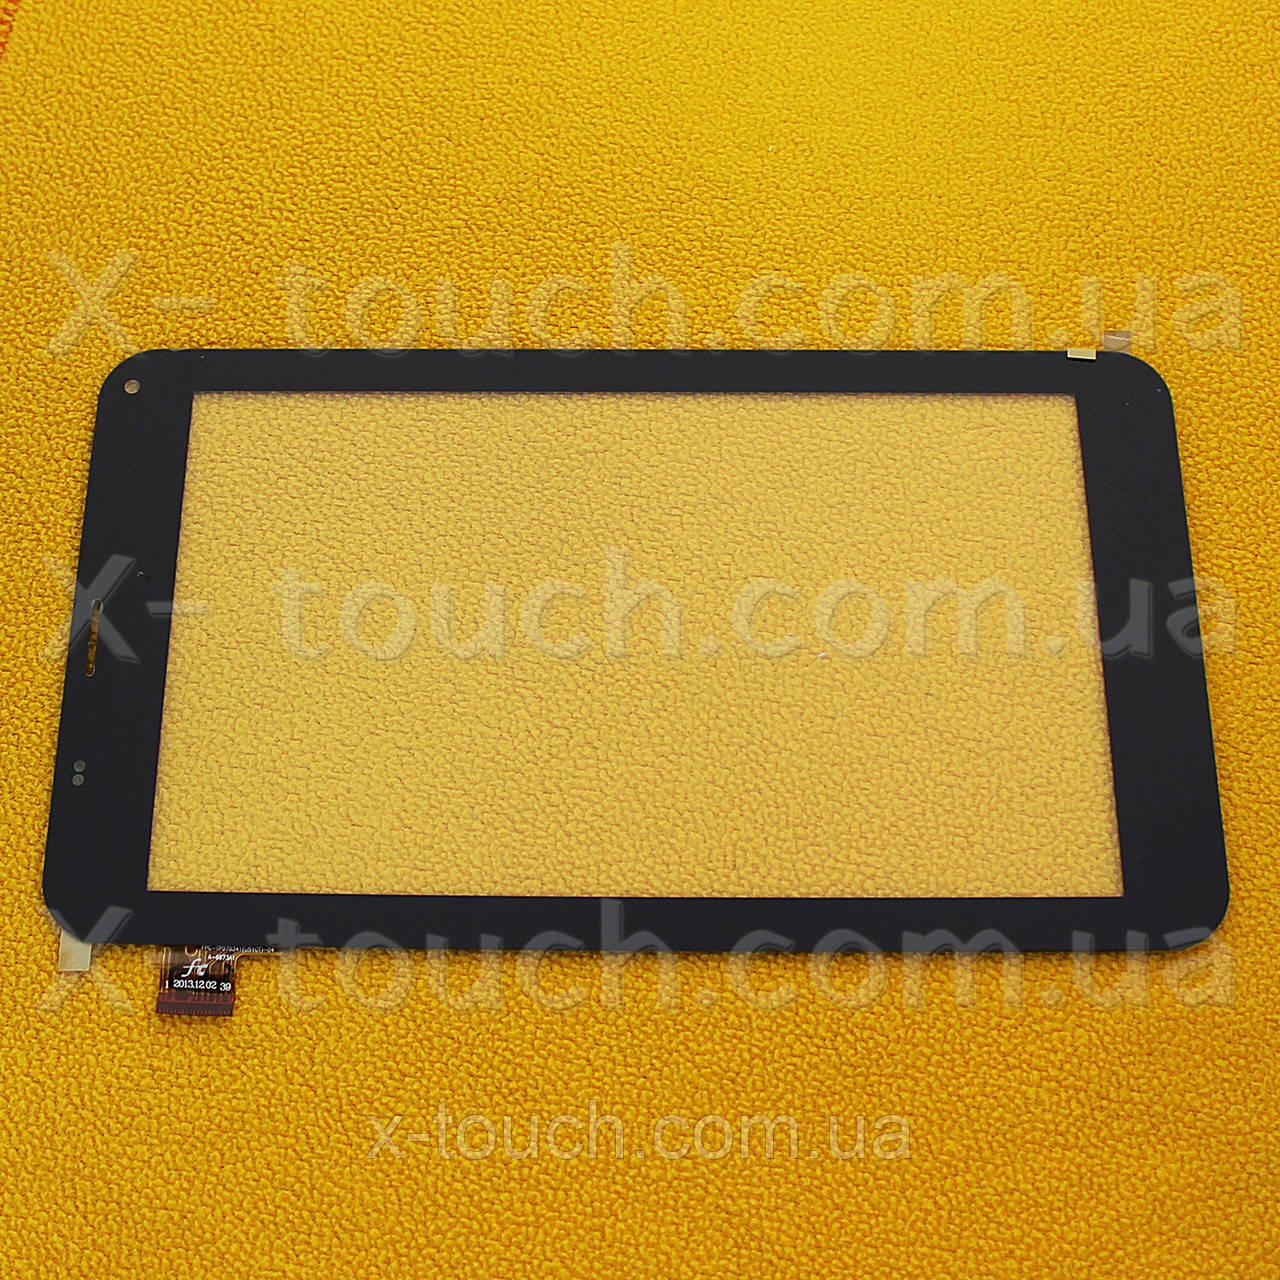 Тачскрин, сенсор  NJG070123ACG0B-V4 для планшета